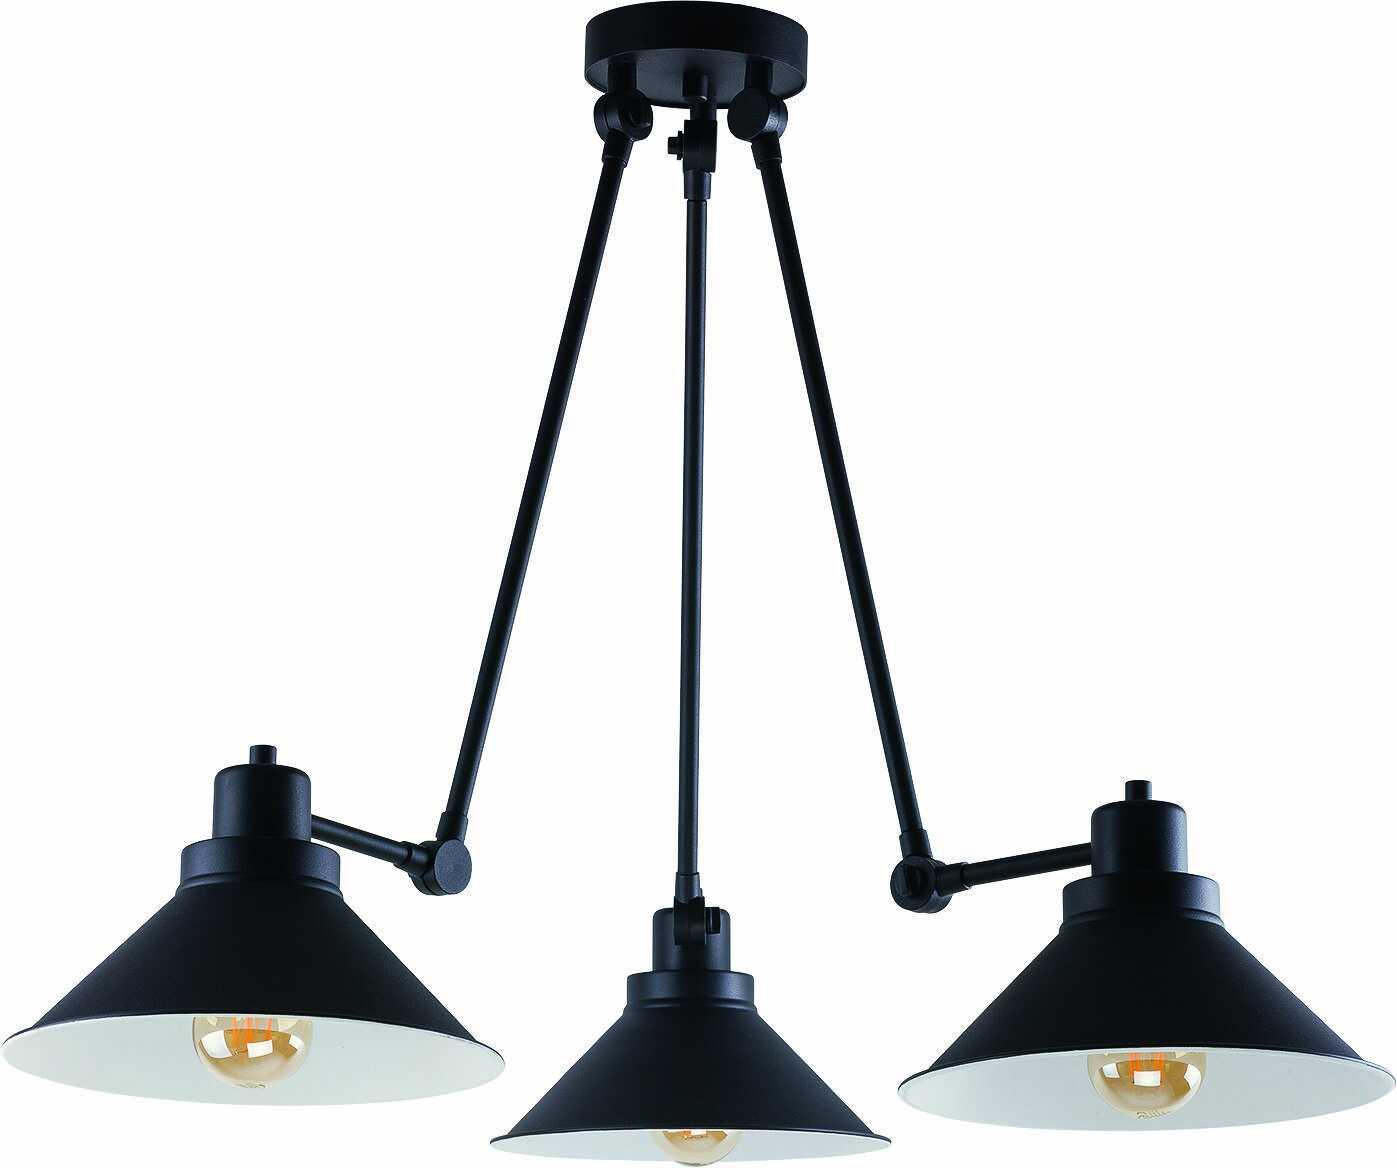 Plafon Techno 9142 Nowodvorski Lighting ruchoma potrójna czarna oprawa sufitowa